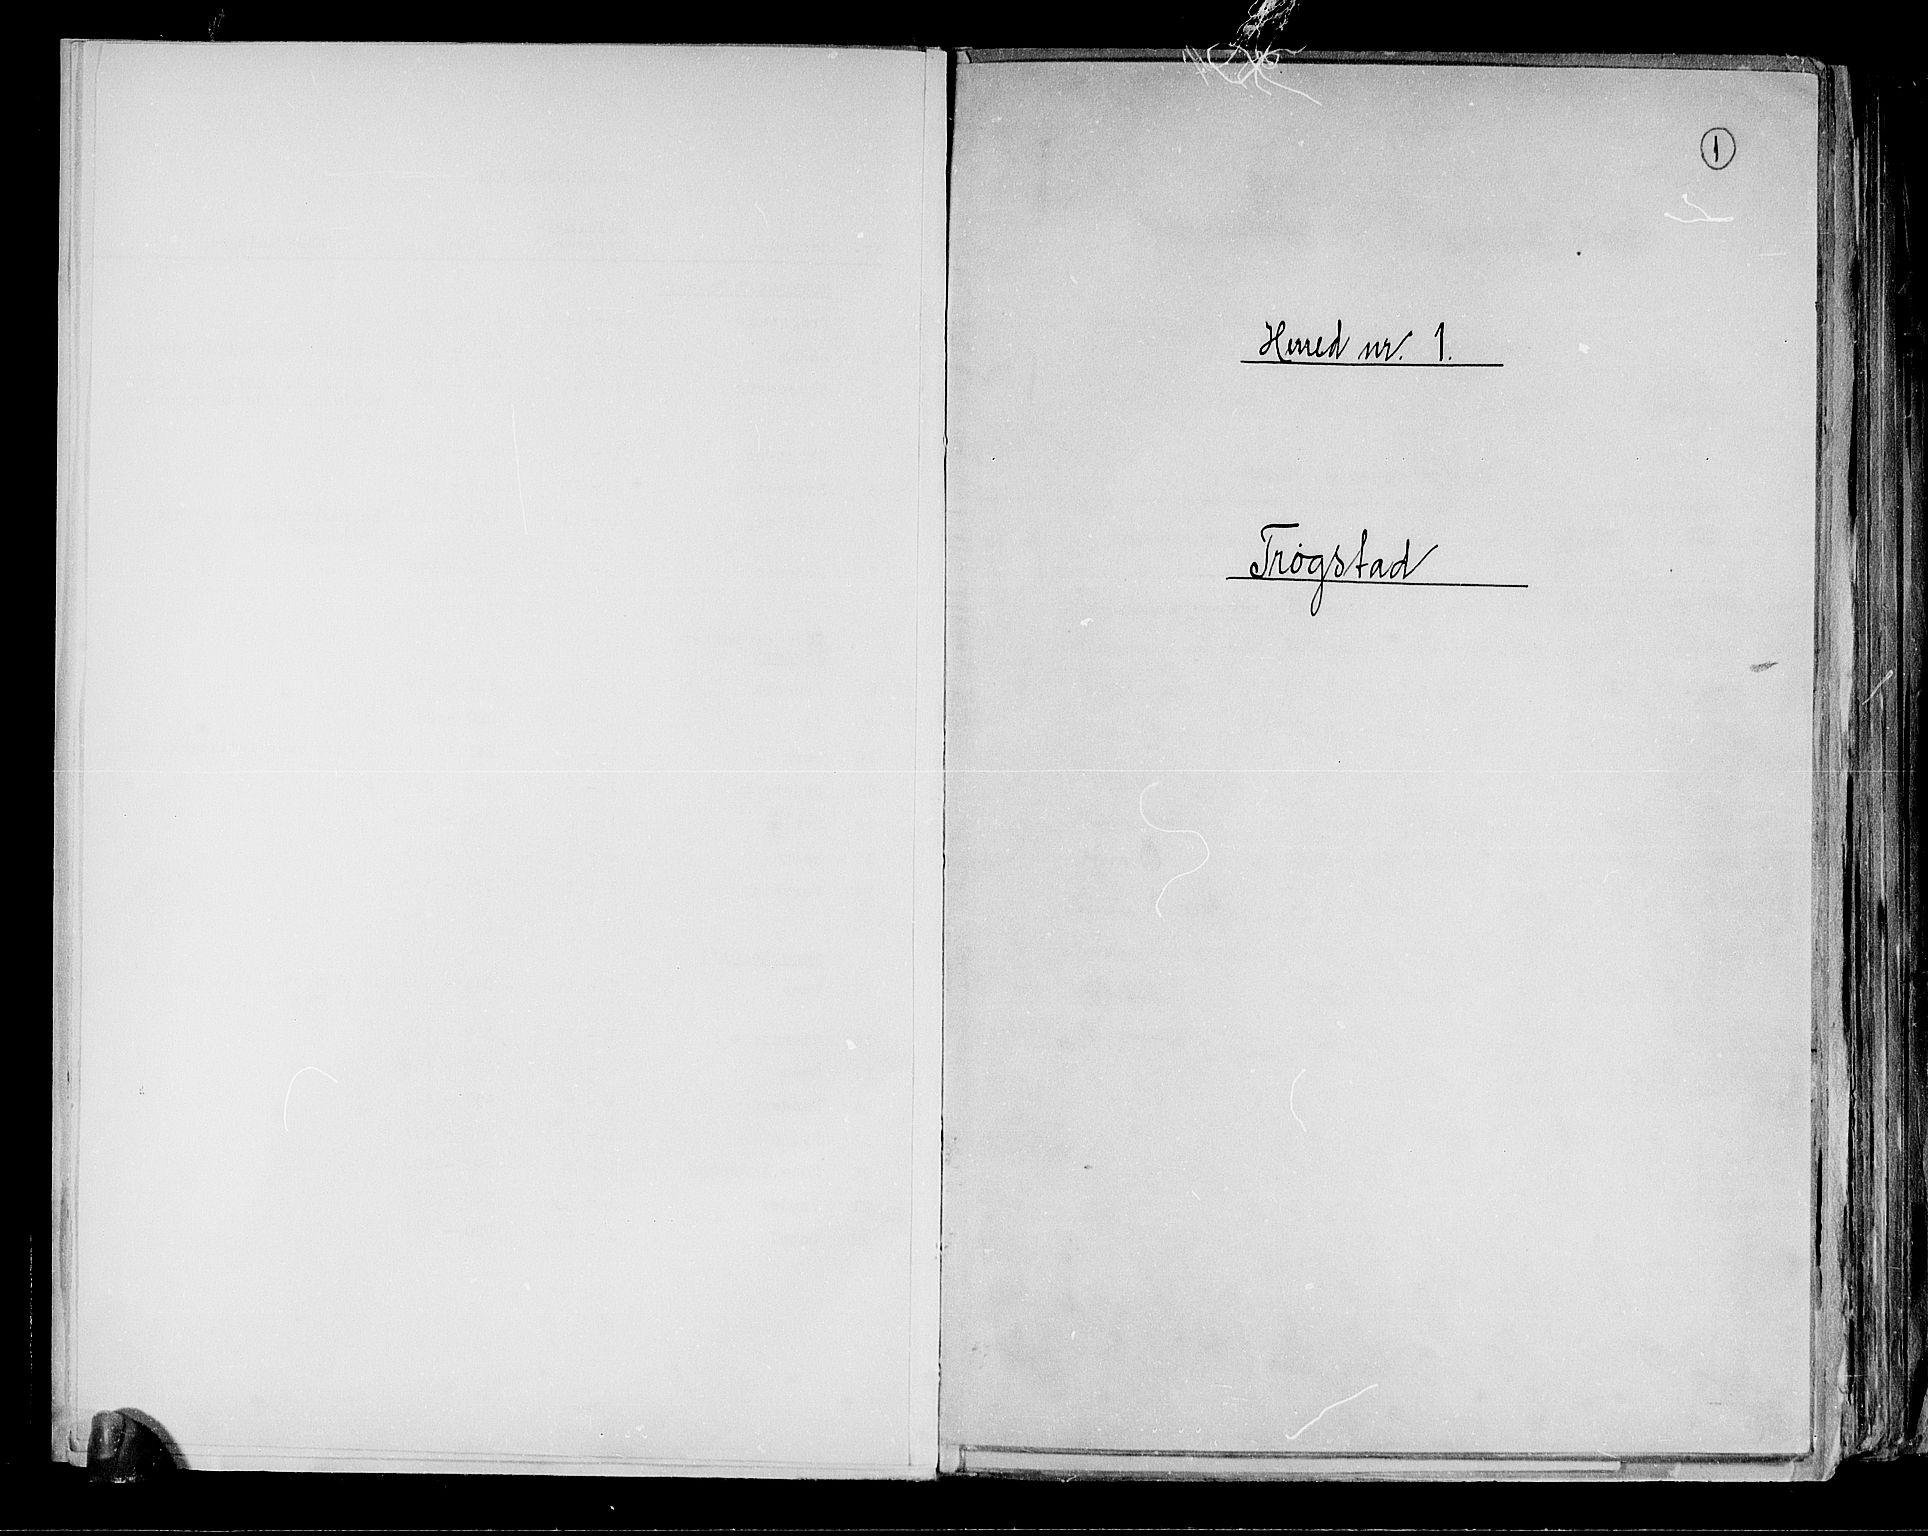 RA, Folketelling 1891 for 0122 Trøgstad herred, 1891, s. 1